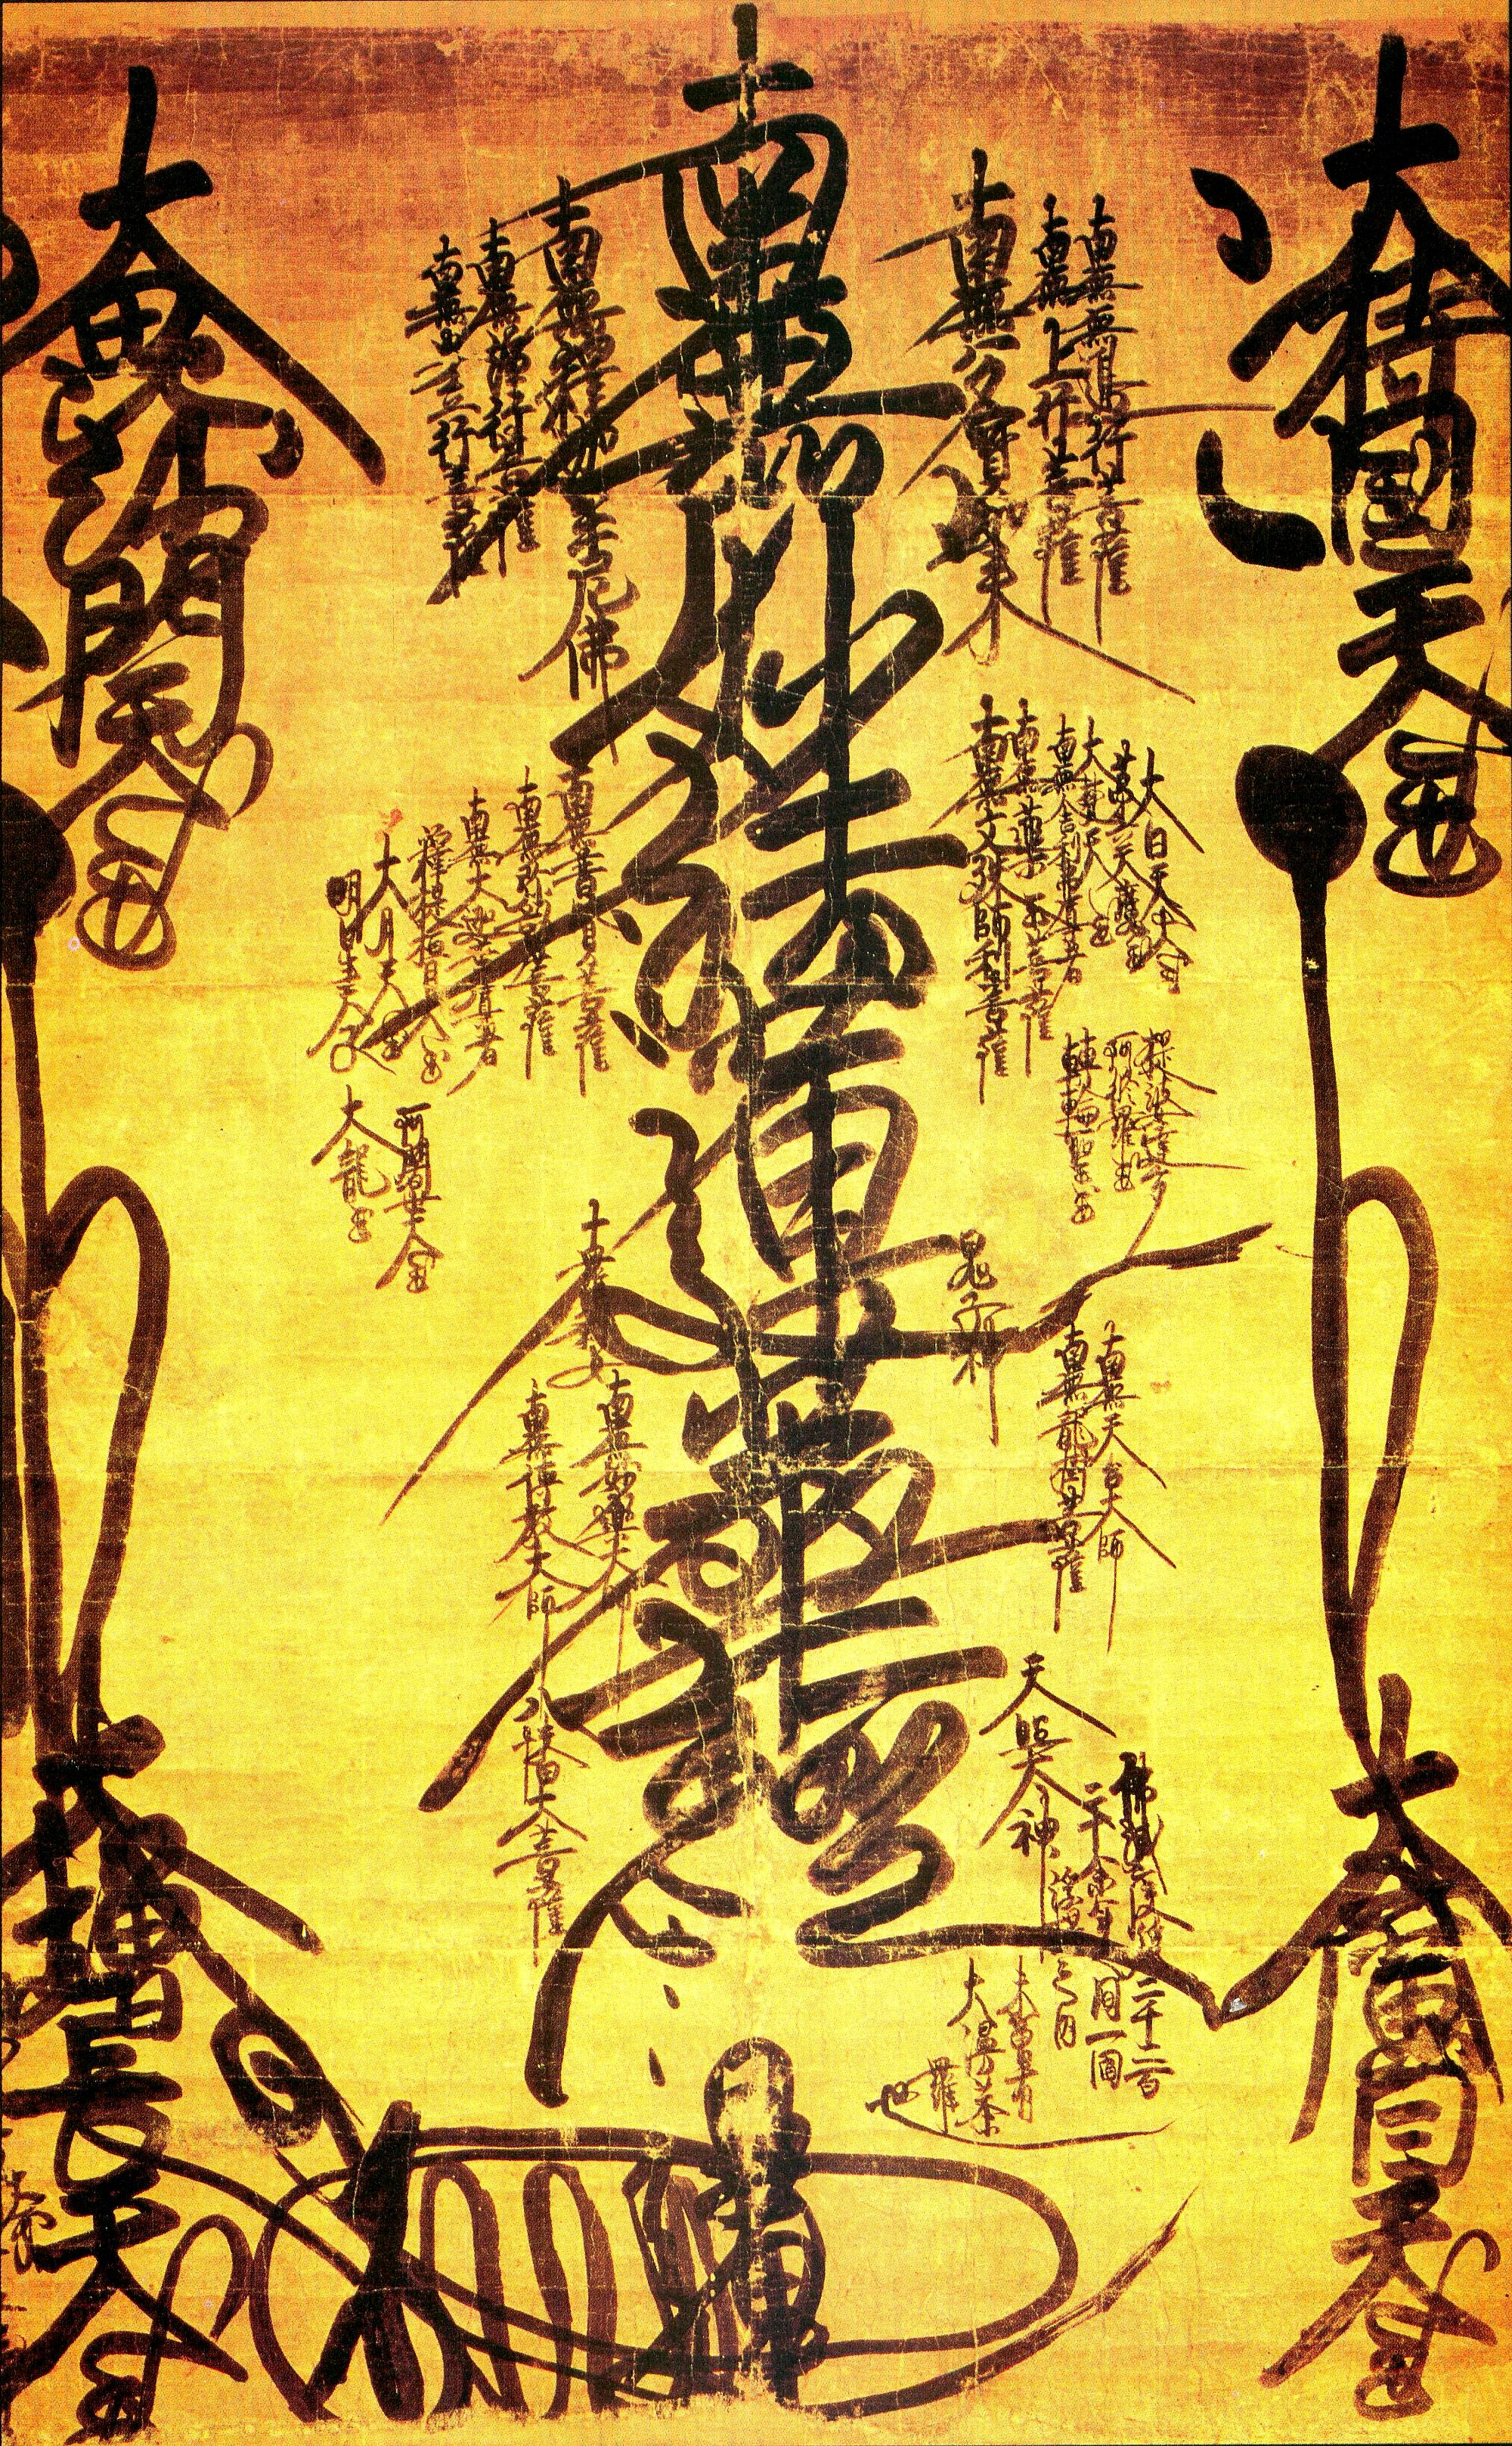 Rinmetsudojihonzon-lotus-sutra-hoben